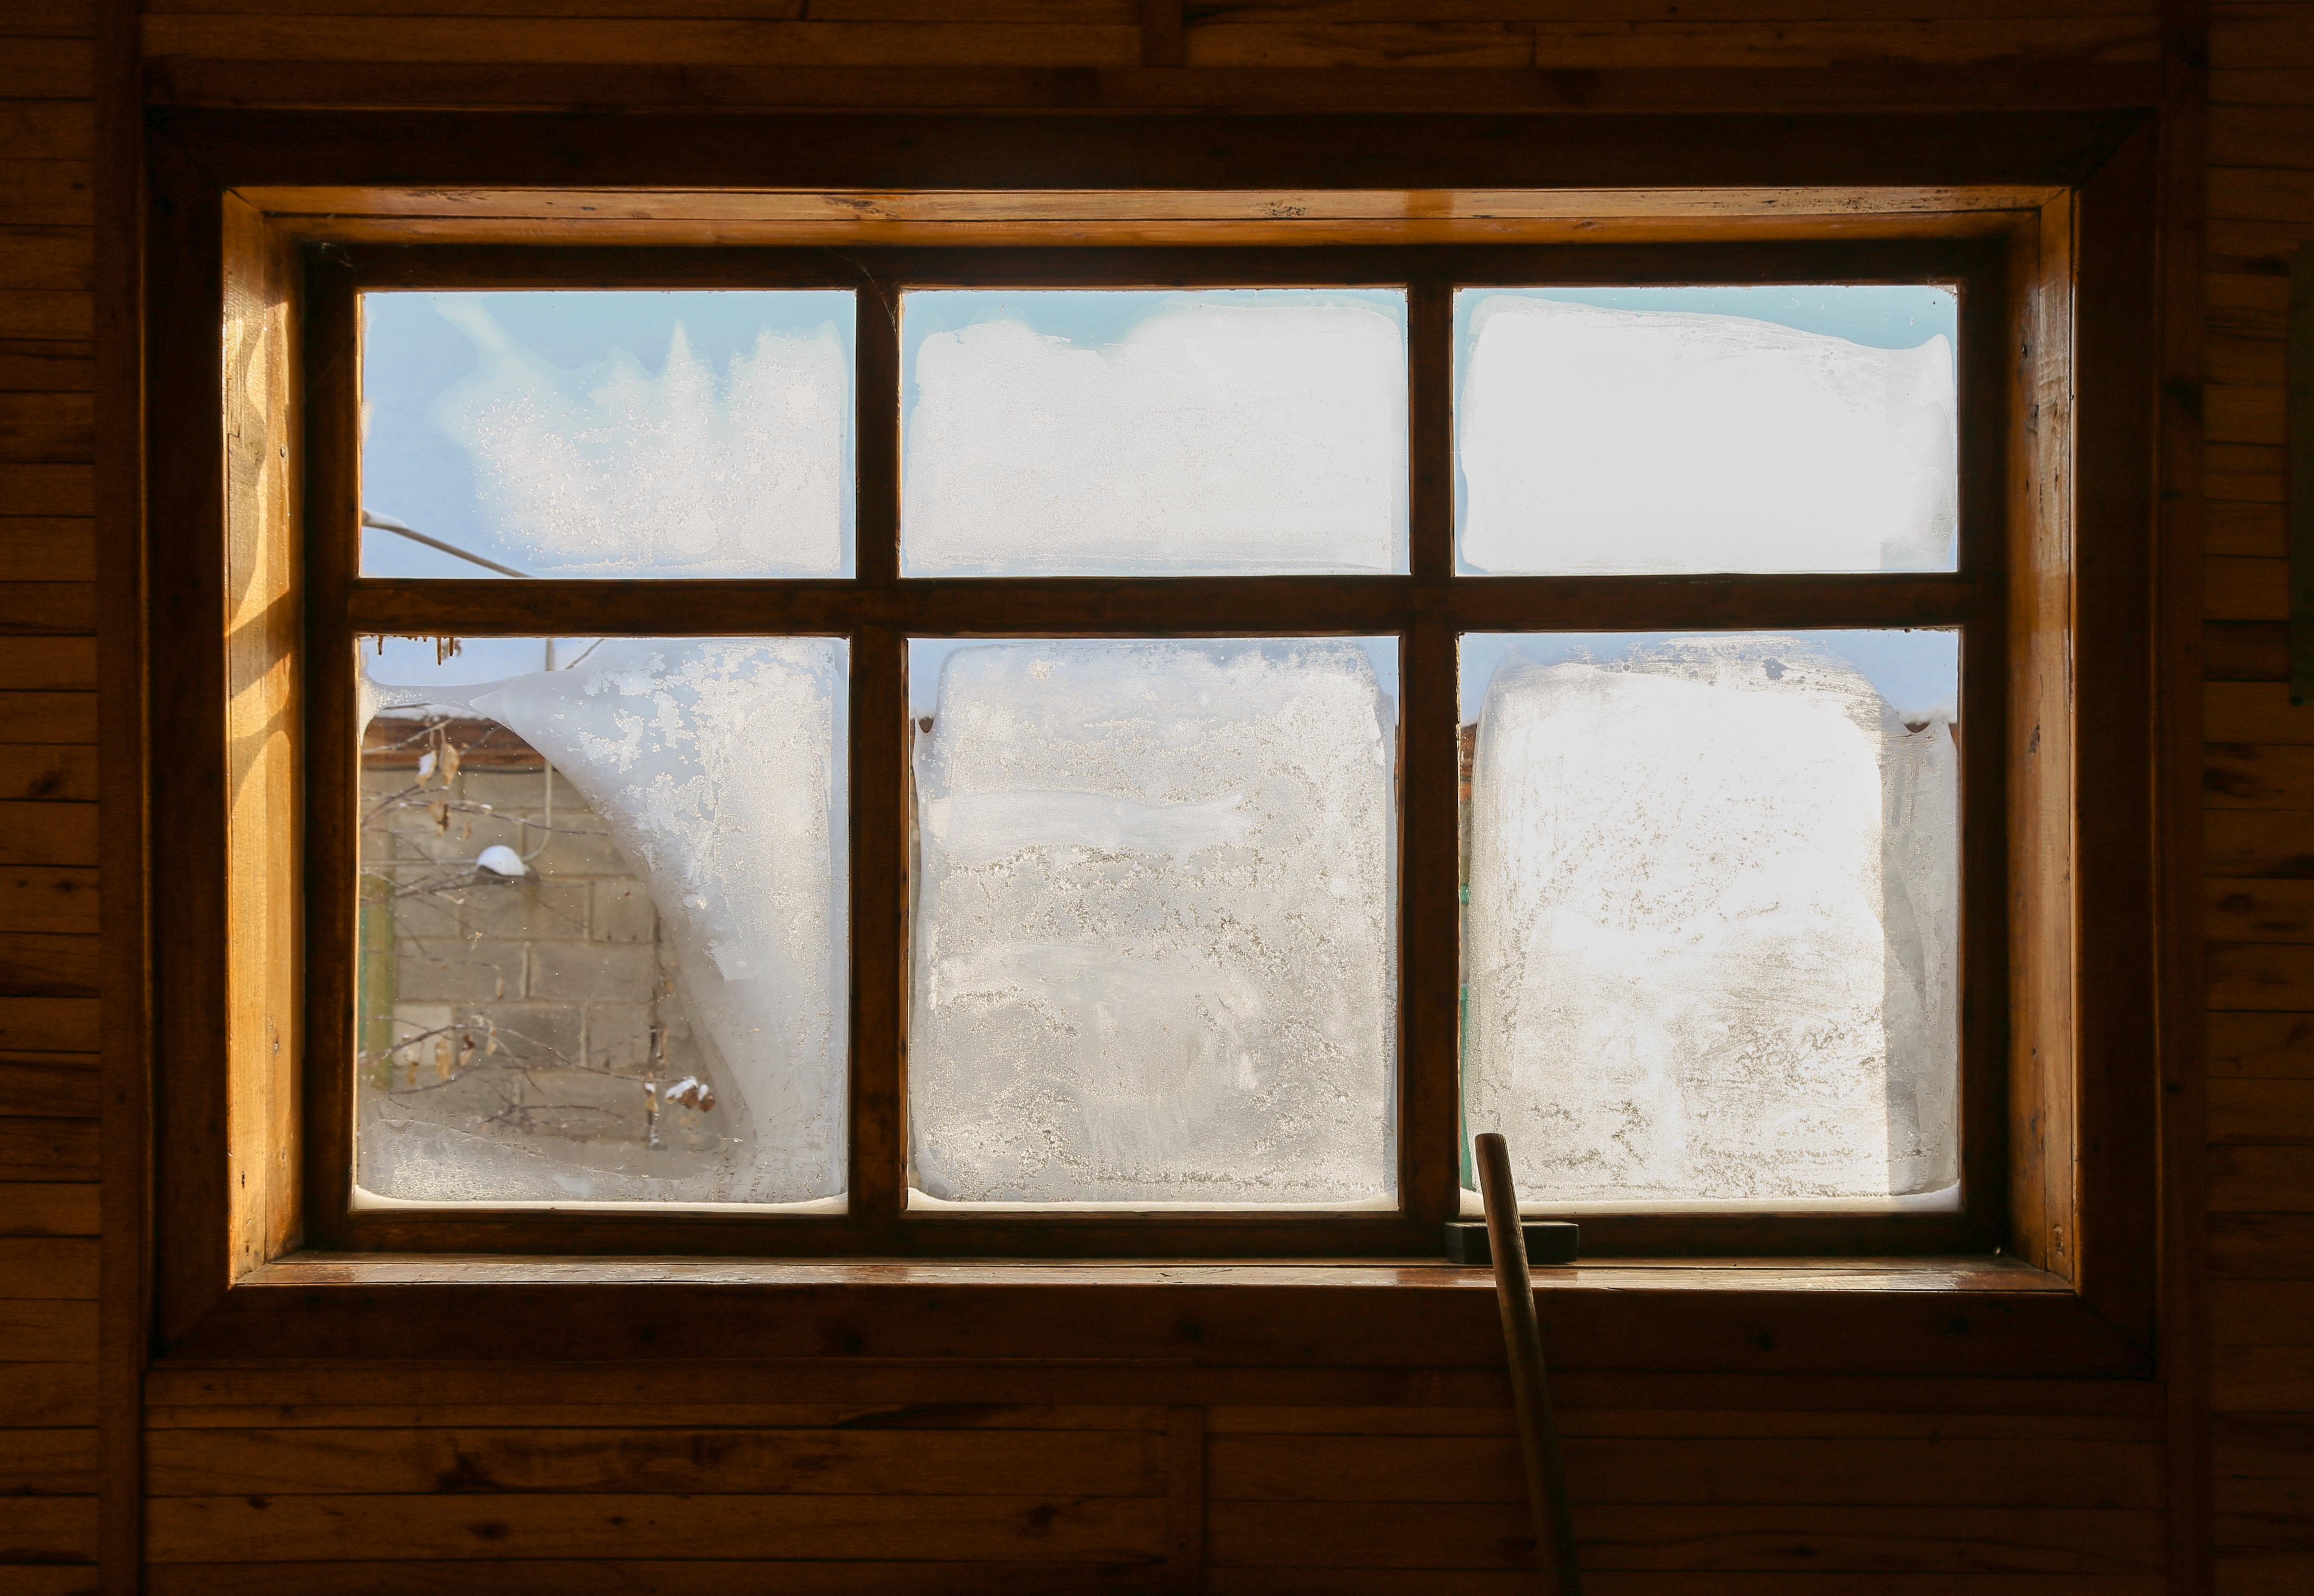 무료 이미지 목재 집 창문 유리 벽 방 인테리어 디자인 사진 프레임 관광 명소 일광